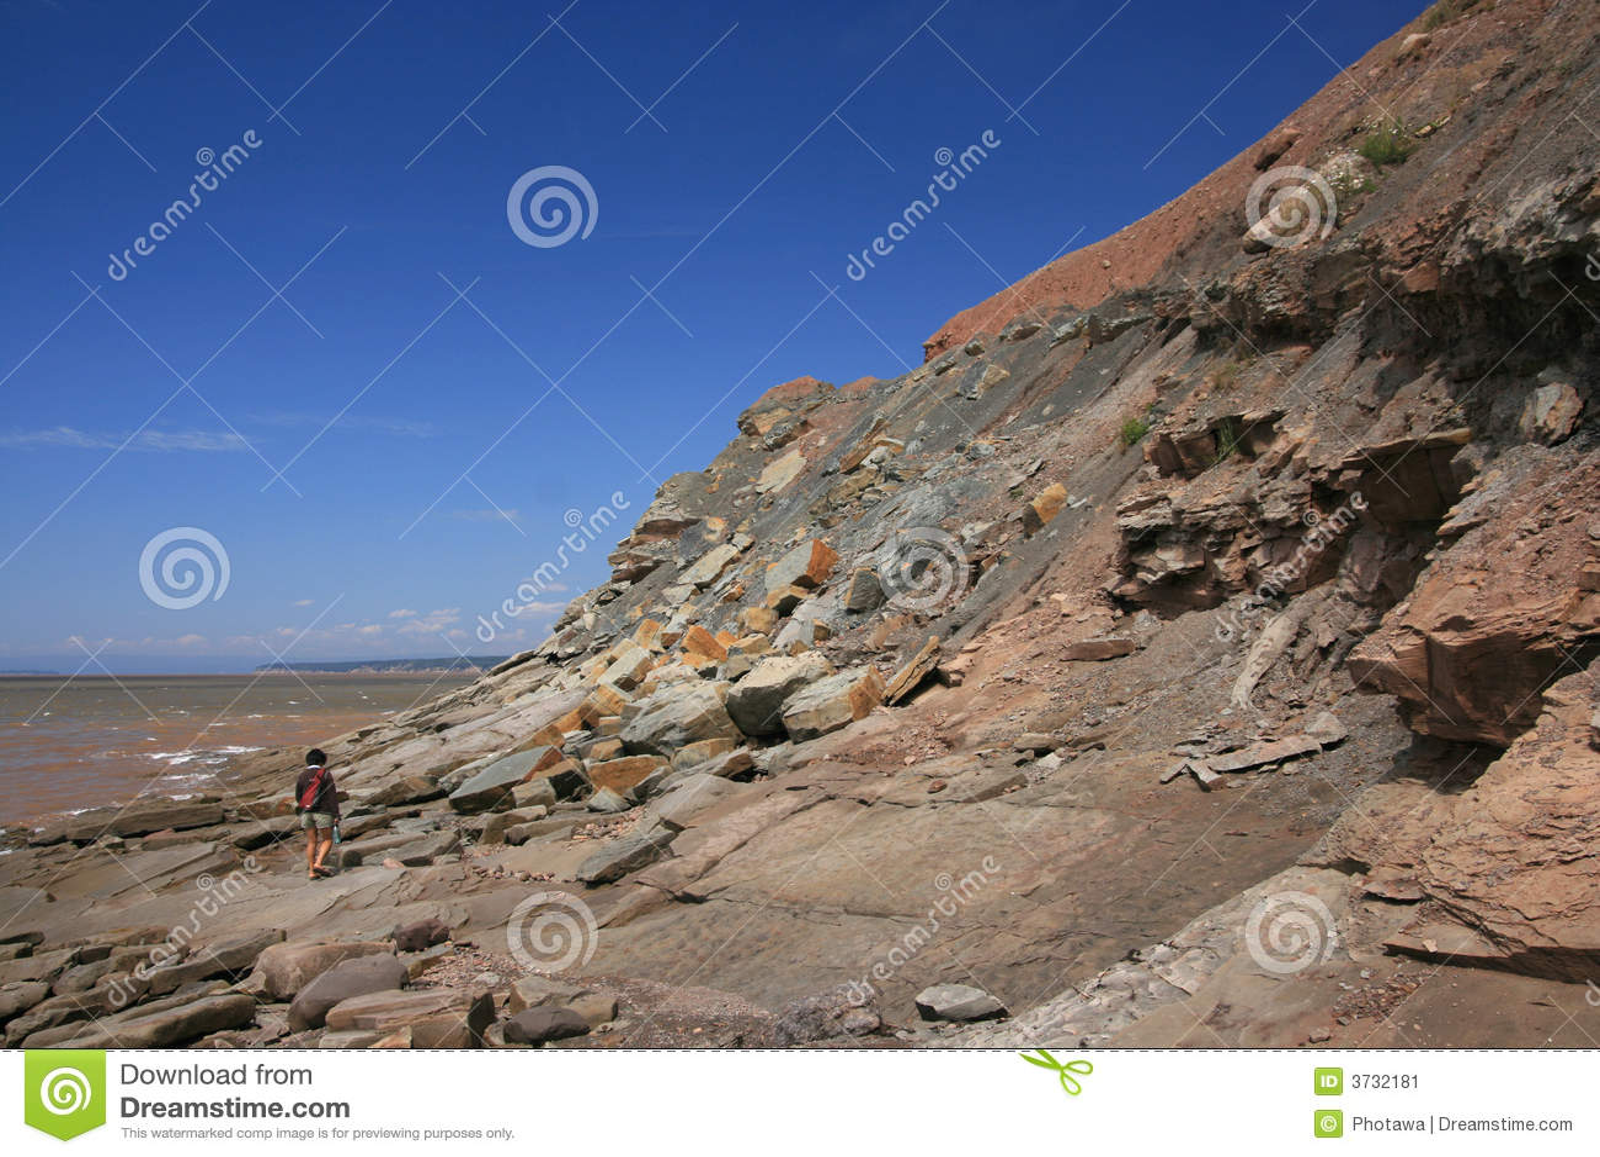 joggins fossil cliffs nova scotia stock image